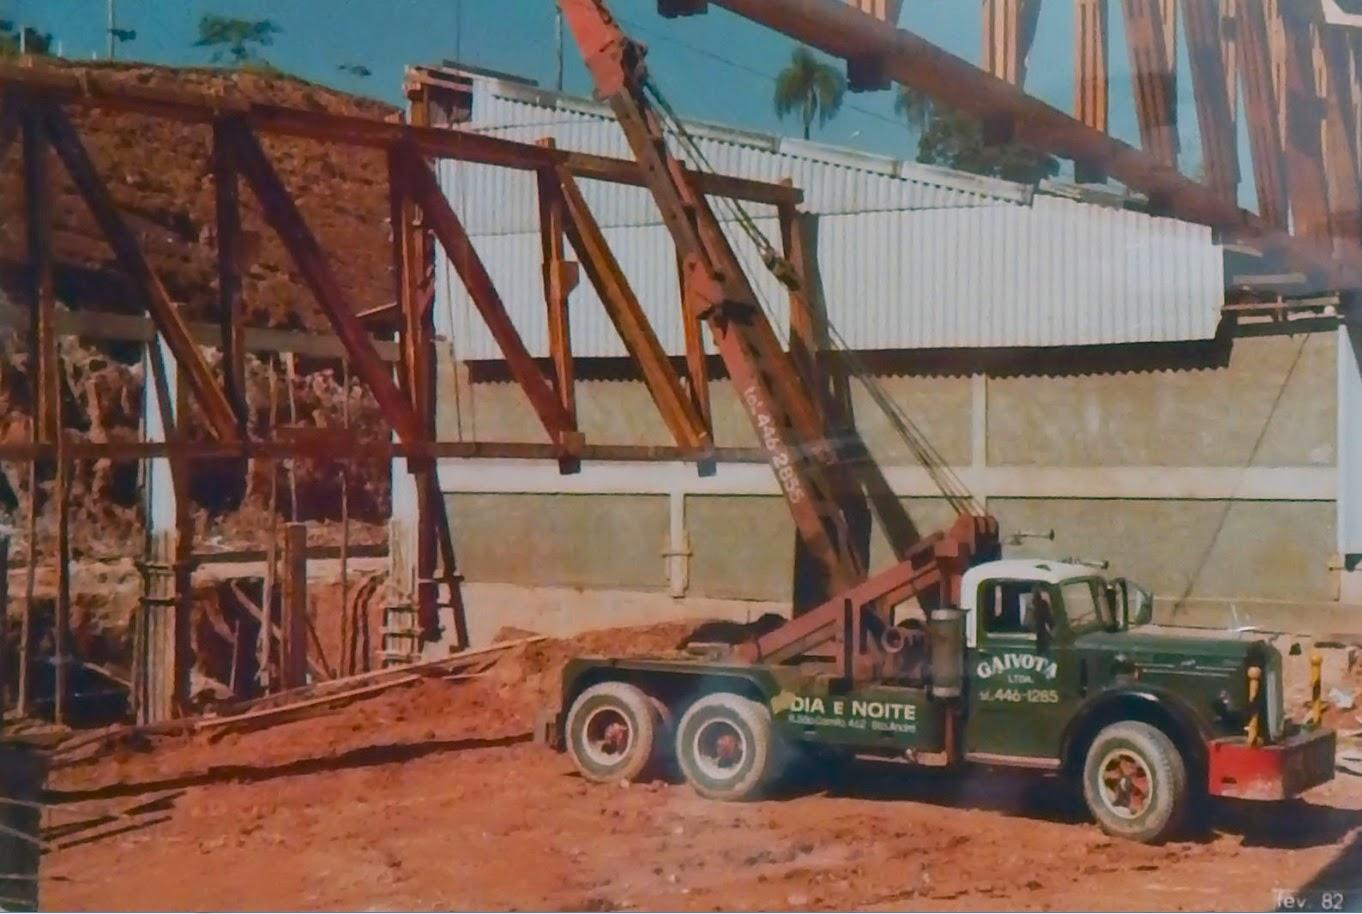 Caminhão guindaste iça tesoura de madeira para galpão industrial em Itatiba, São Paulo.